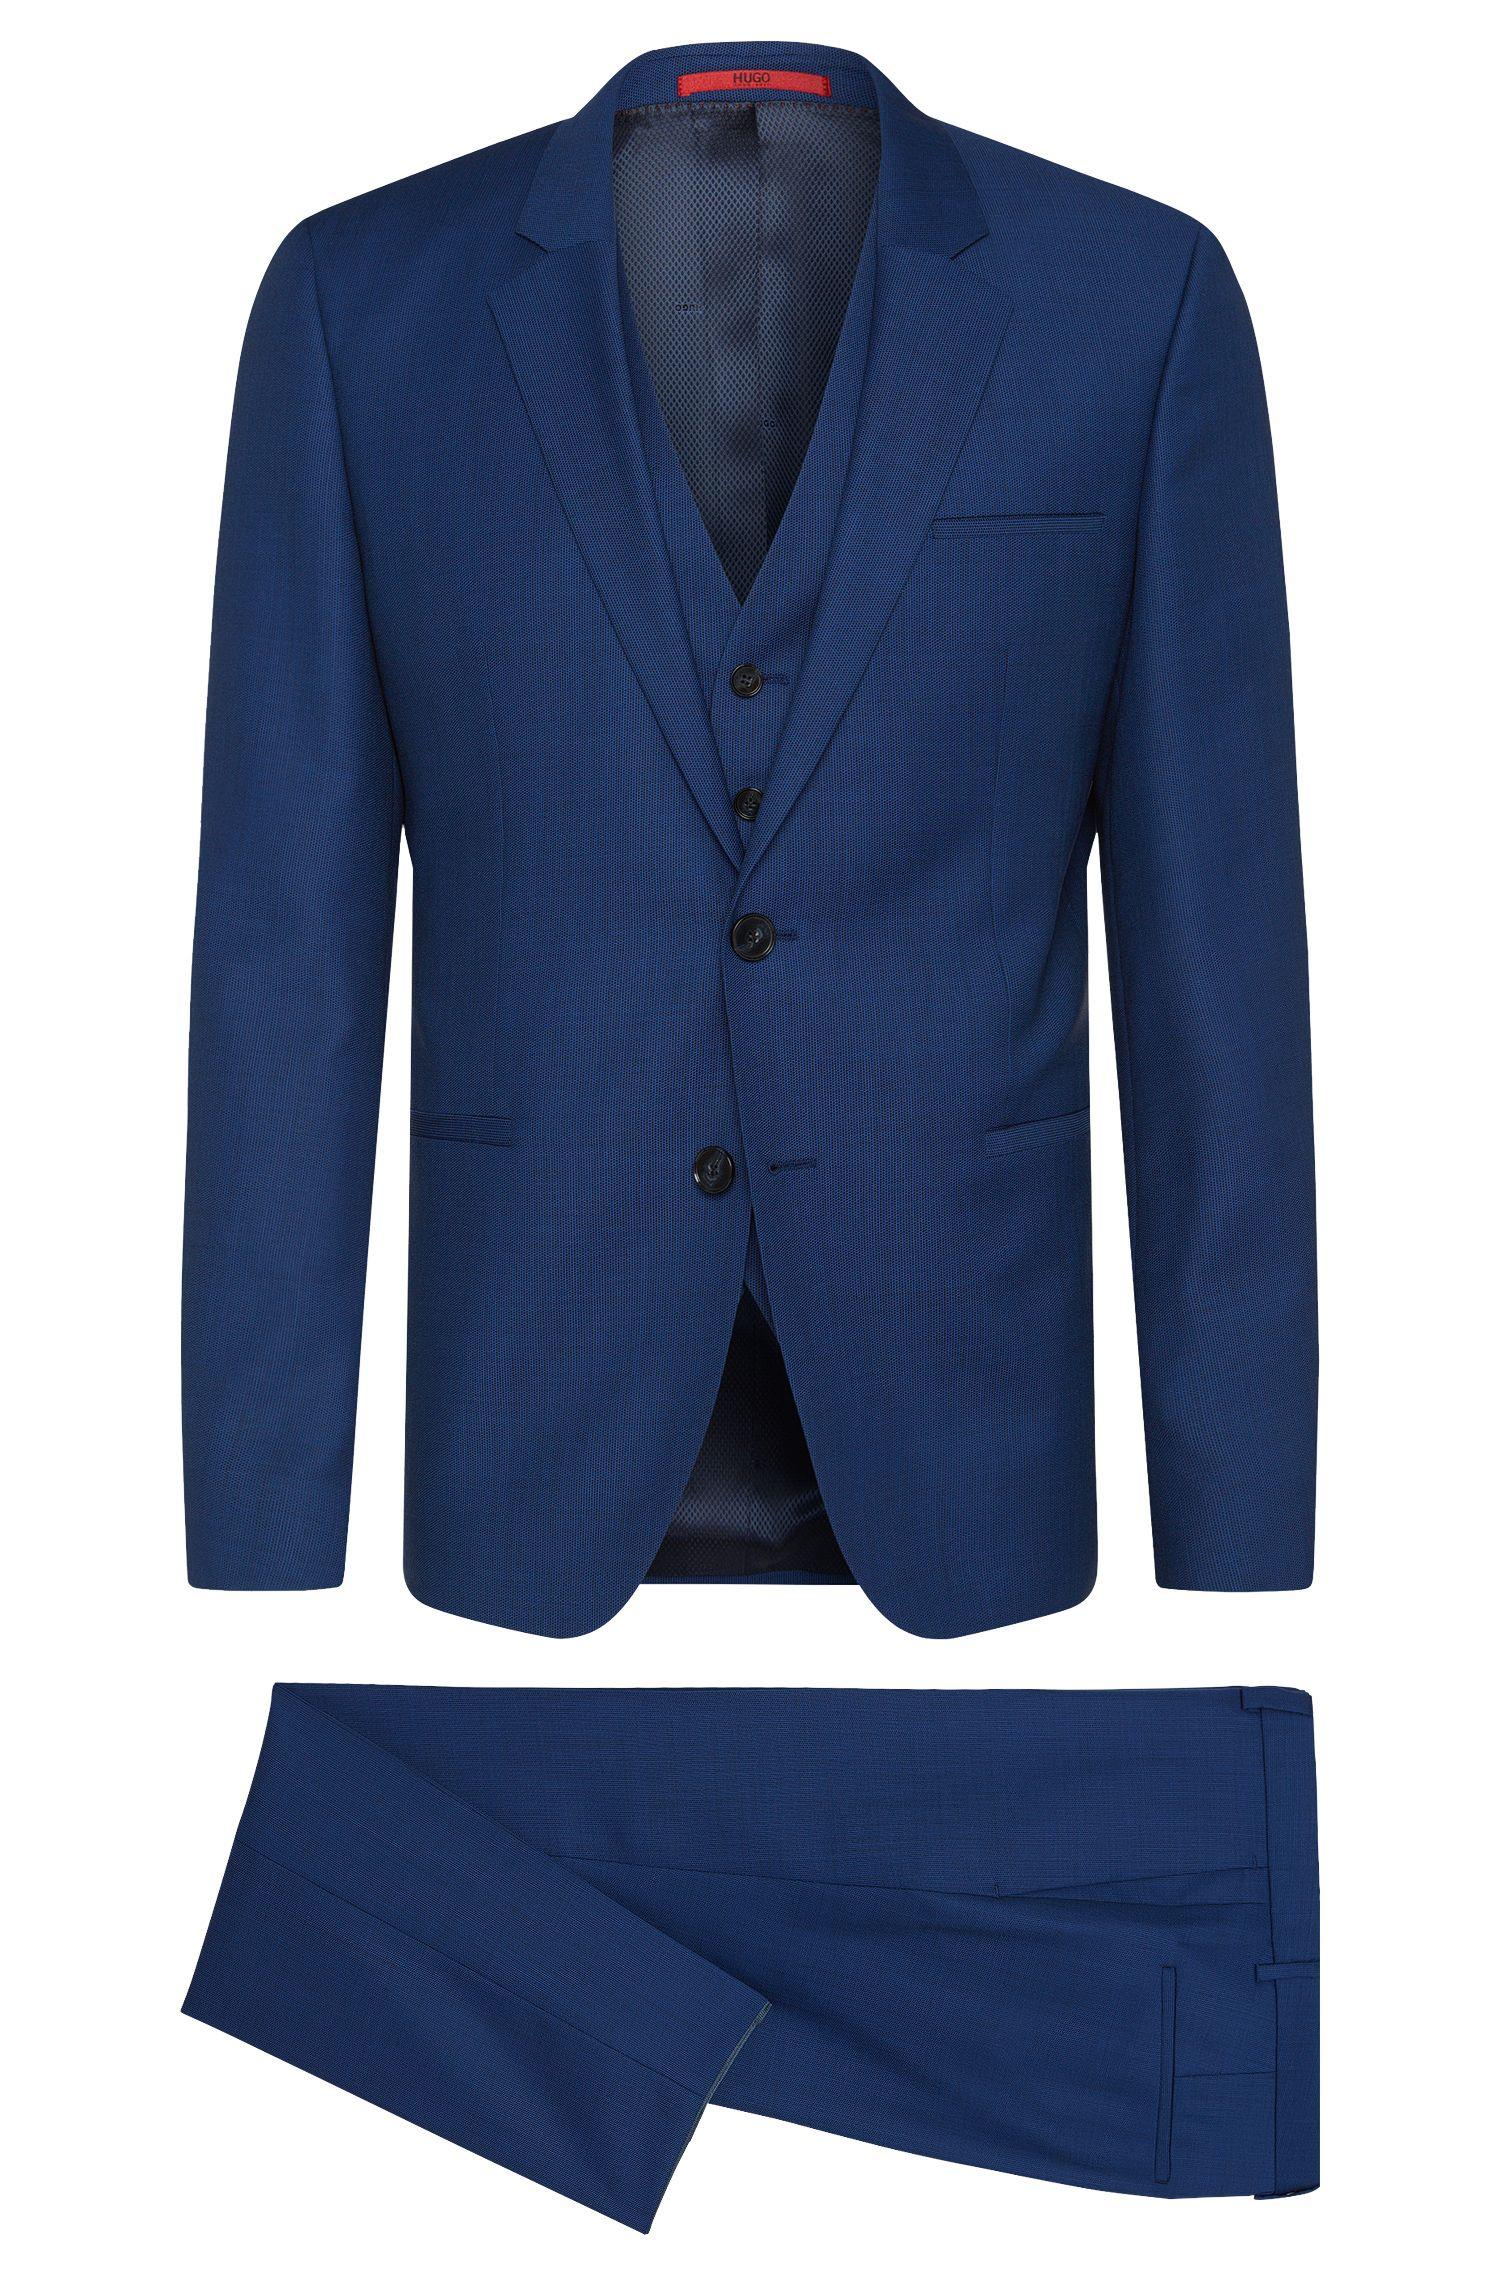 Super 100 Virgin Wool 3-Piece Suit, Slim Fit   Arvon/Wiant/Hilwert